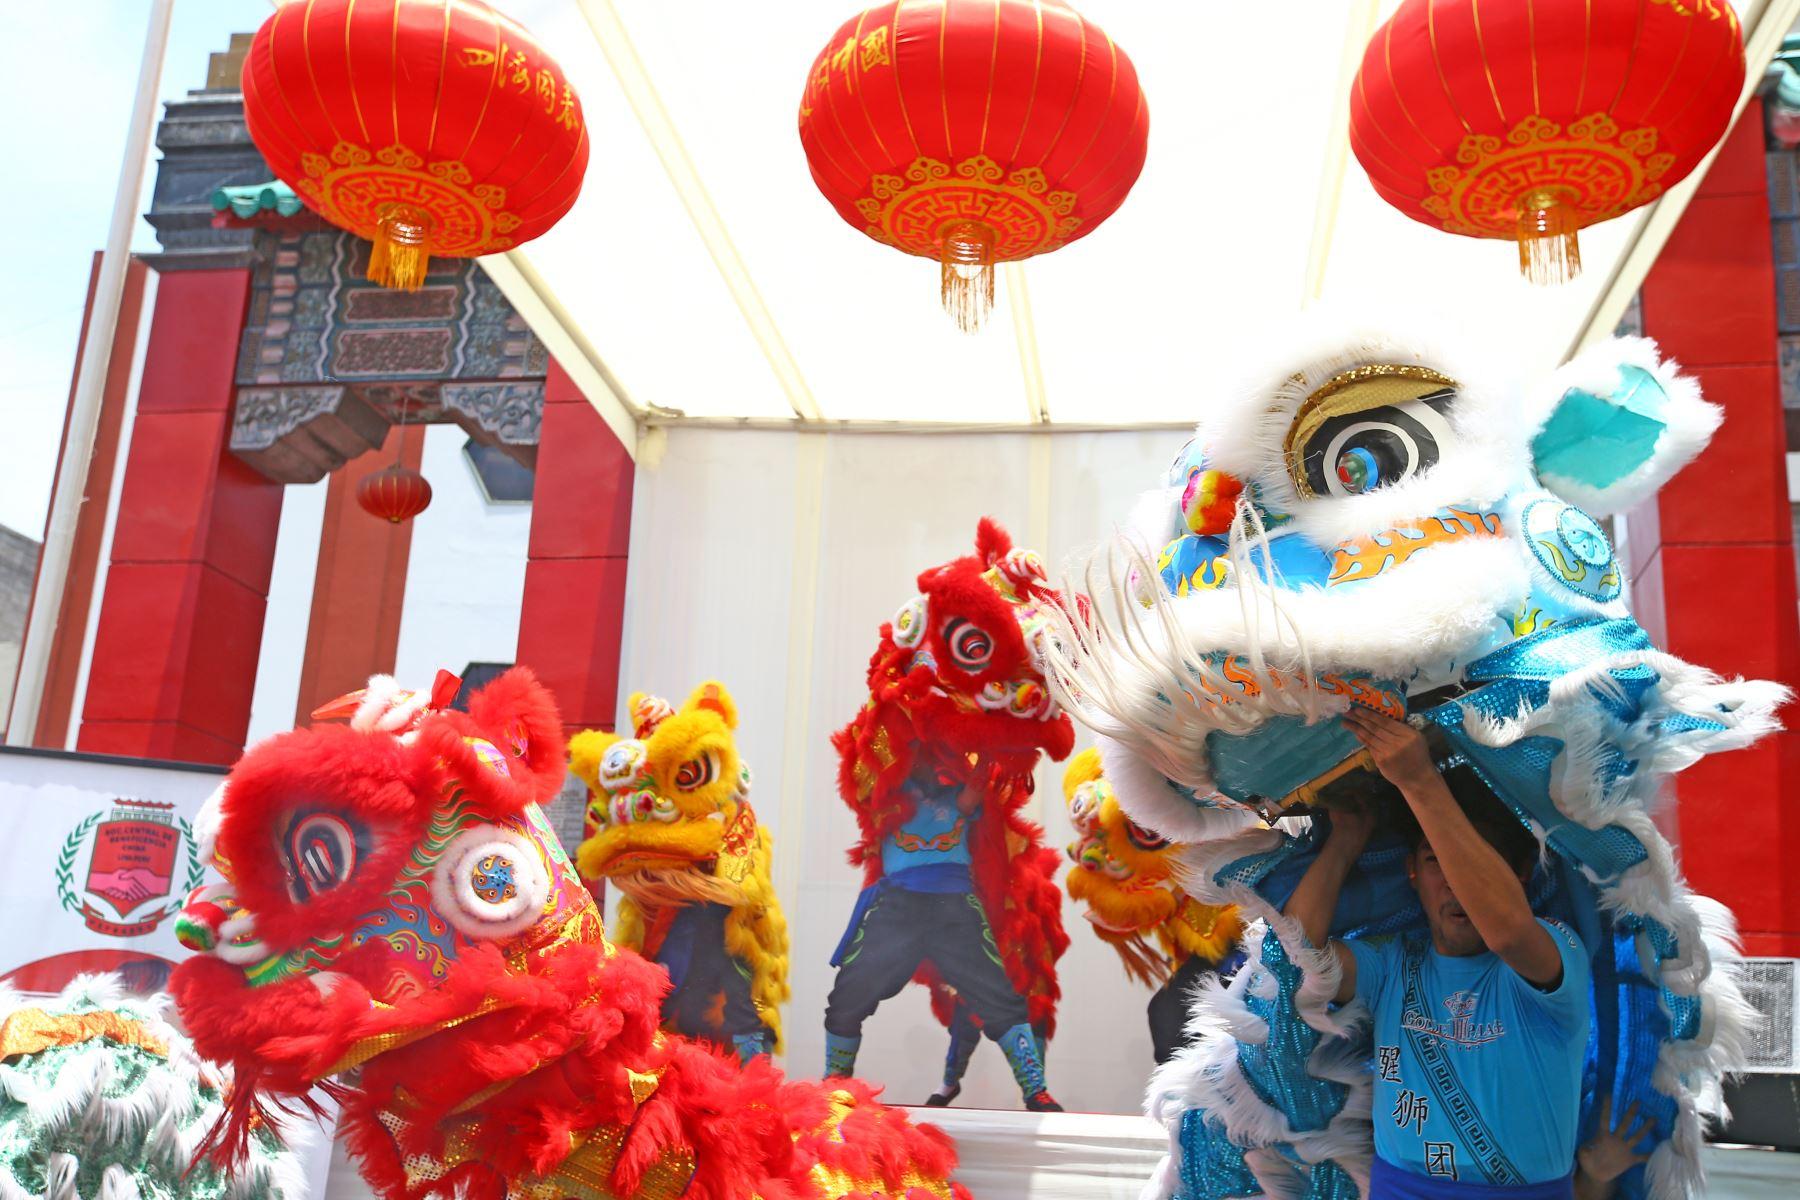 LIMA PERÚ - FEBRERO 16. El Barrio Chino le da la bienvenida al Año Nuevo Chino con danzas del dragón y el león. Foto: ANDINA/Melina Mejía